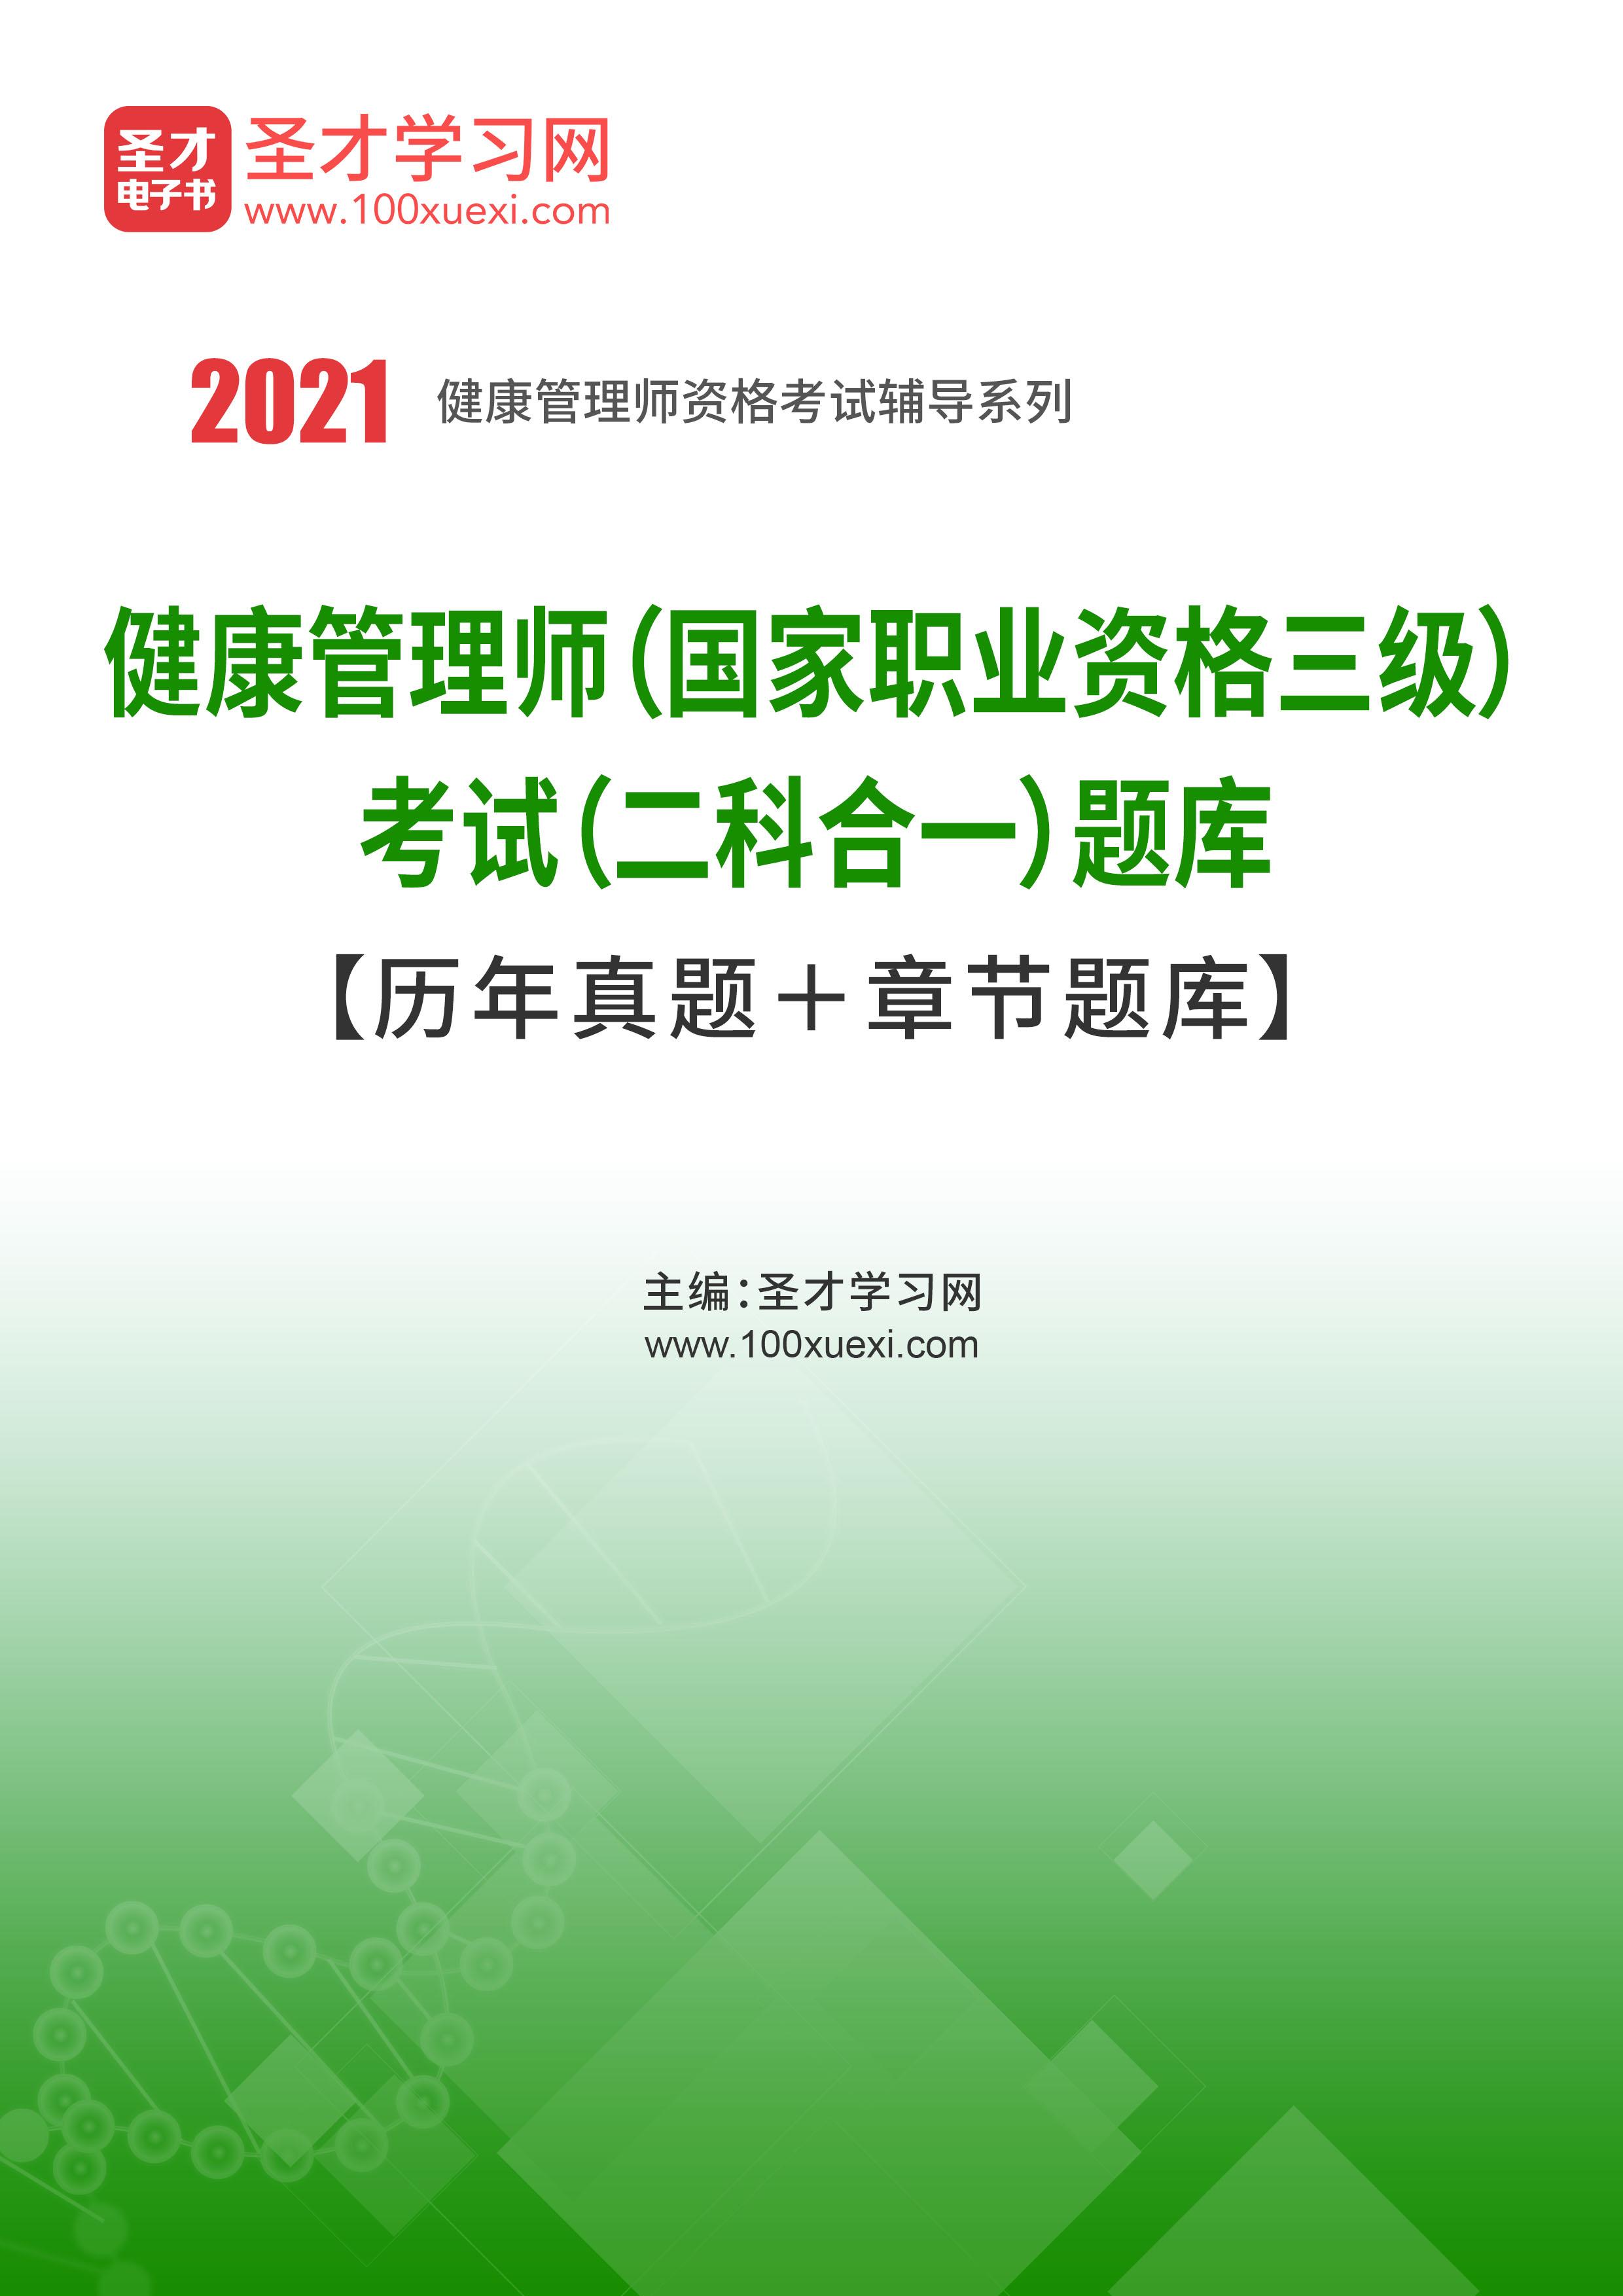 2021年健康管理師(國家職業資格三級)考試(二科合一)題庫【歷年真題+章節題庫】